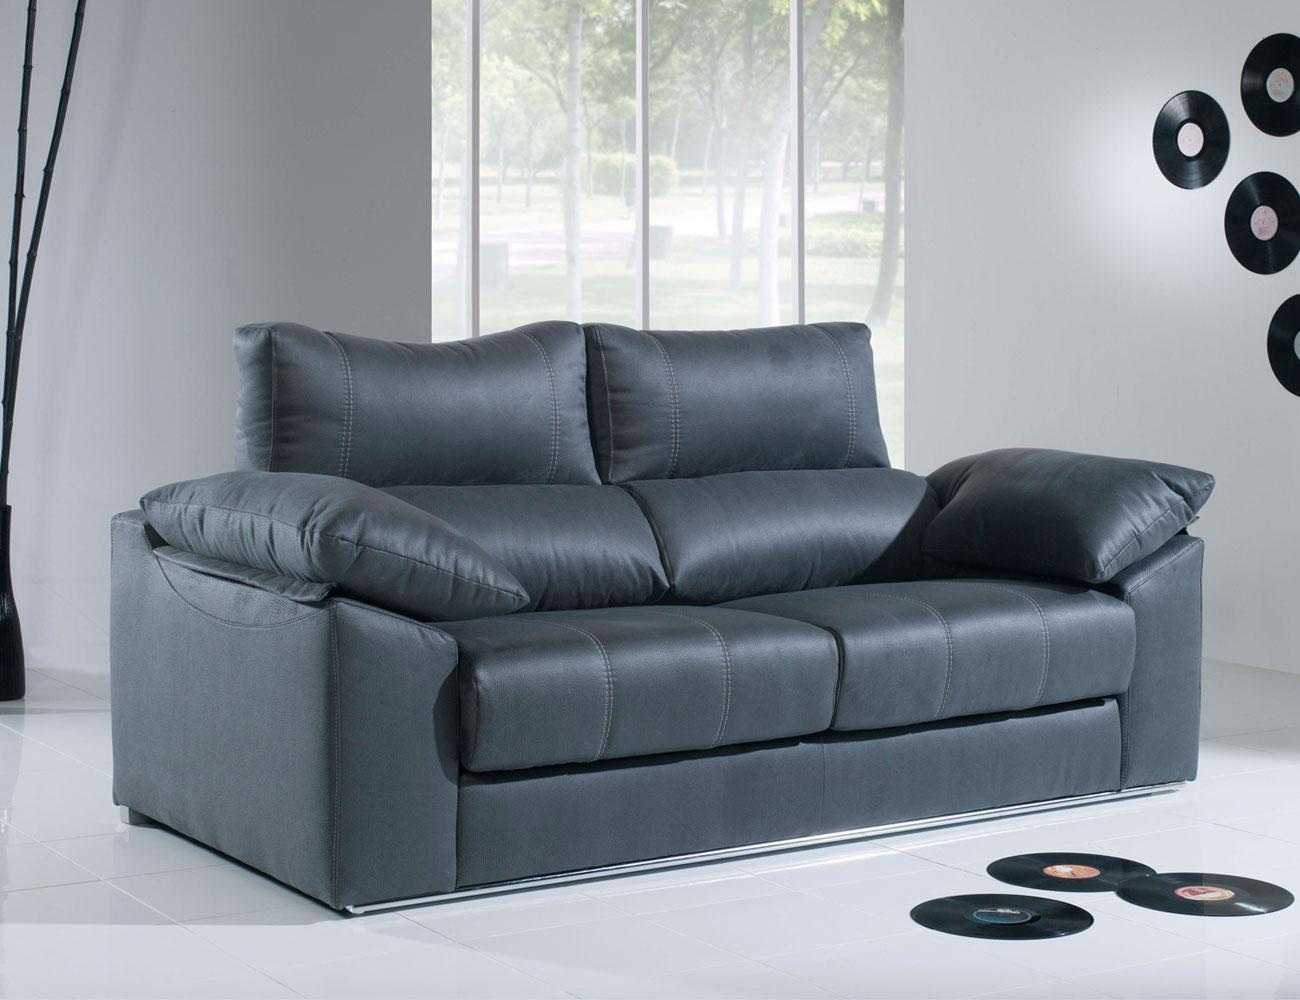 Sofa 3 plazas moderno con barra31